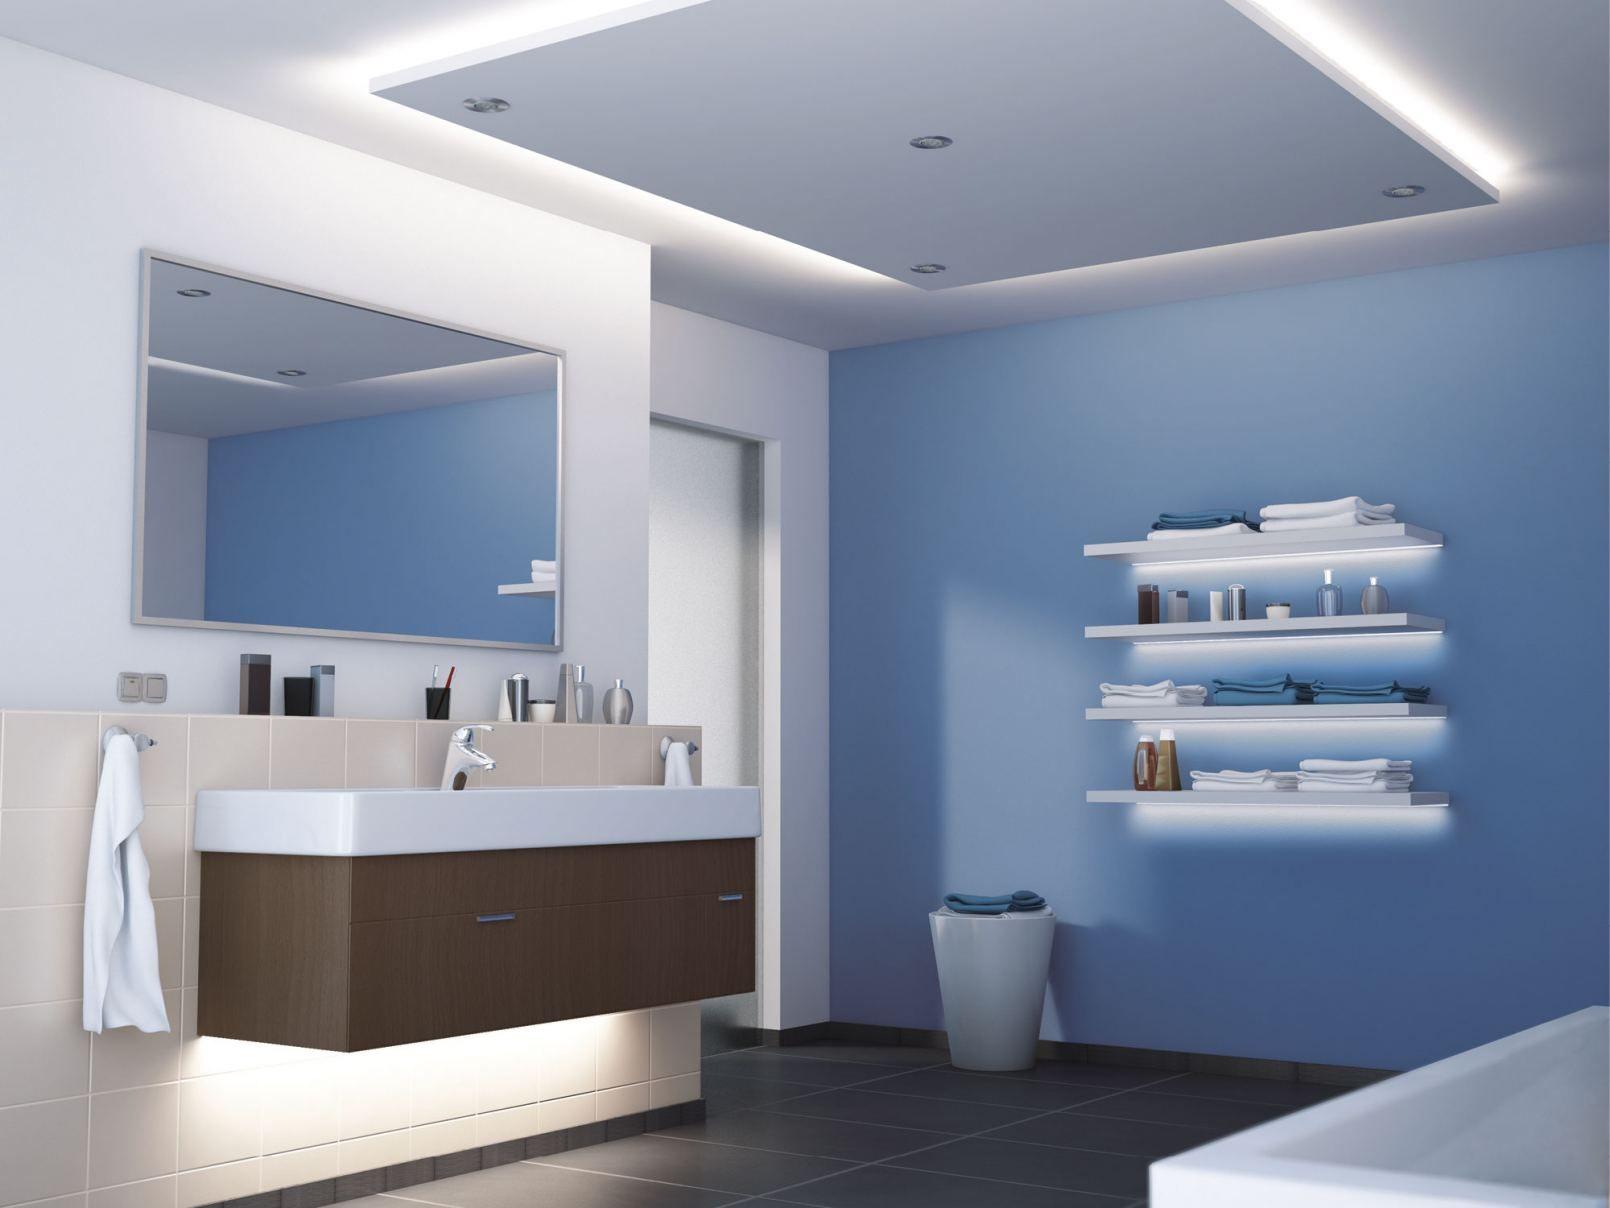 badezimmer beleuchtung led   Haus Ideen